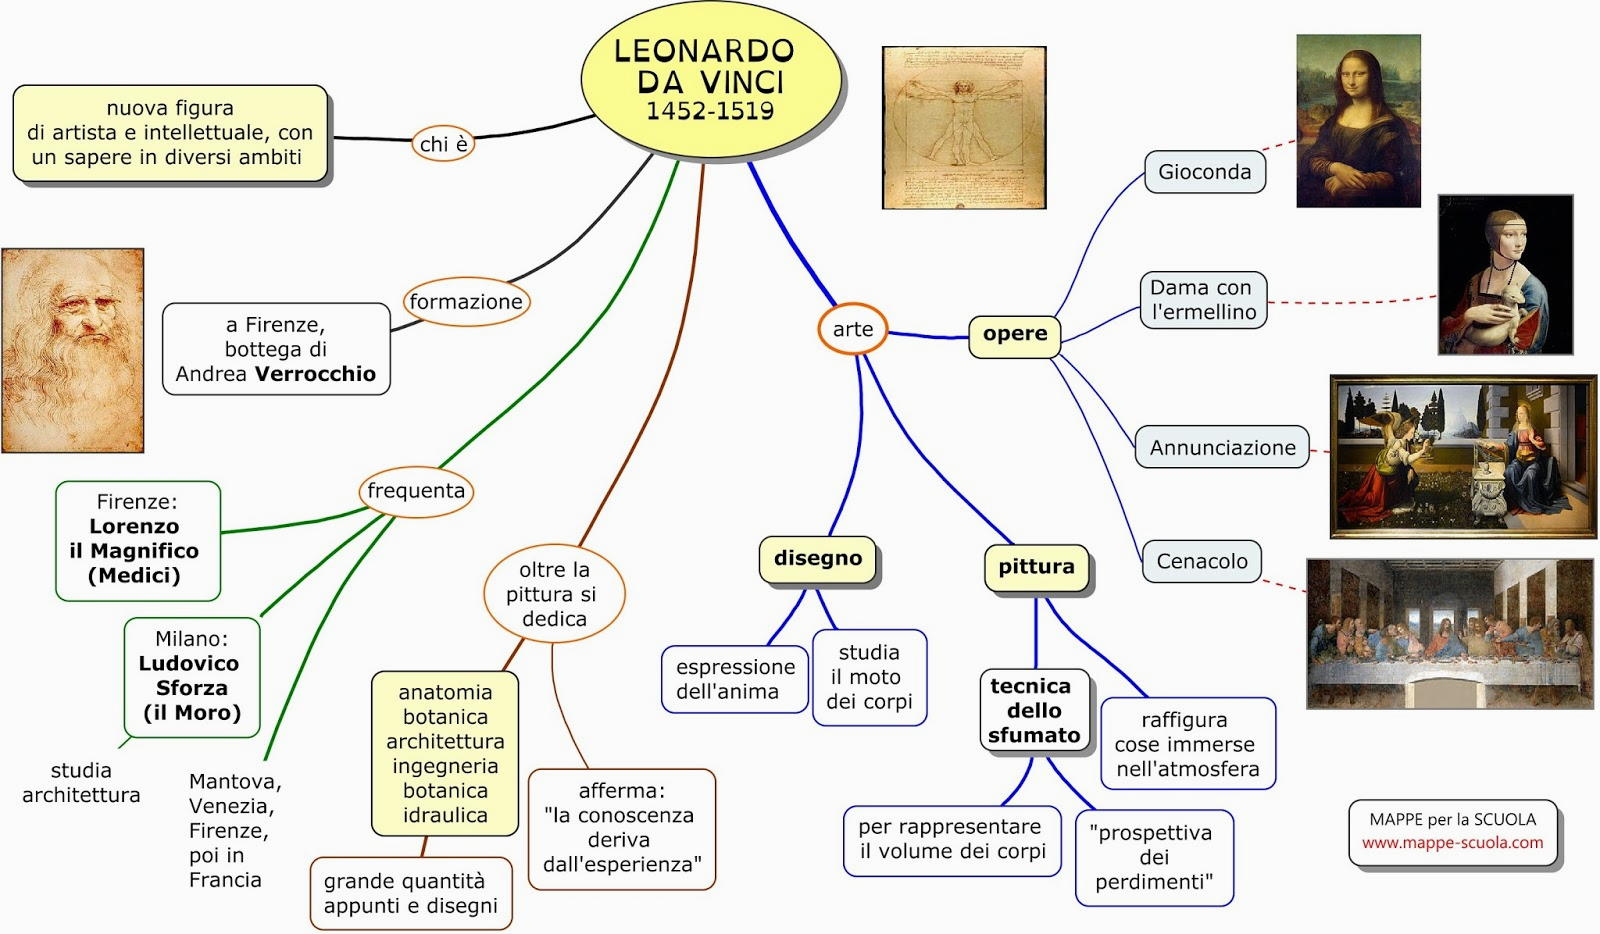 mappa concettuale Leonardo da Vinci